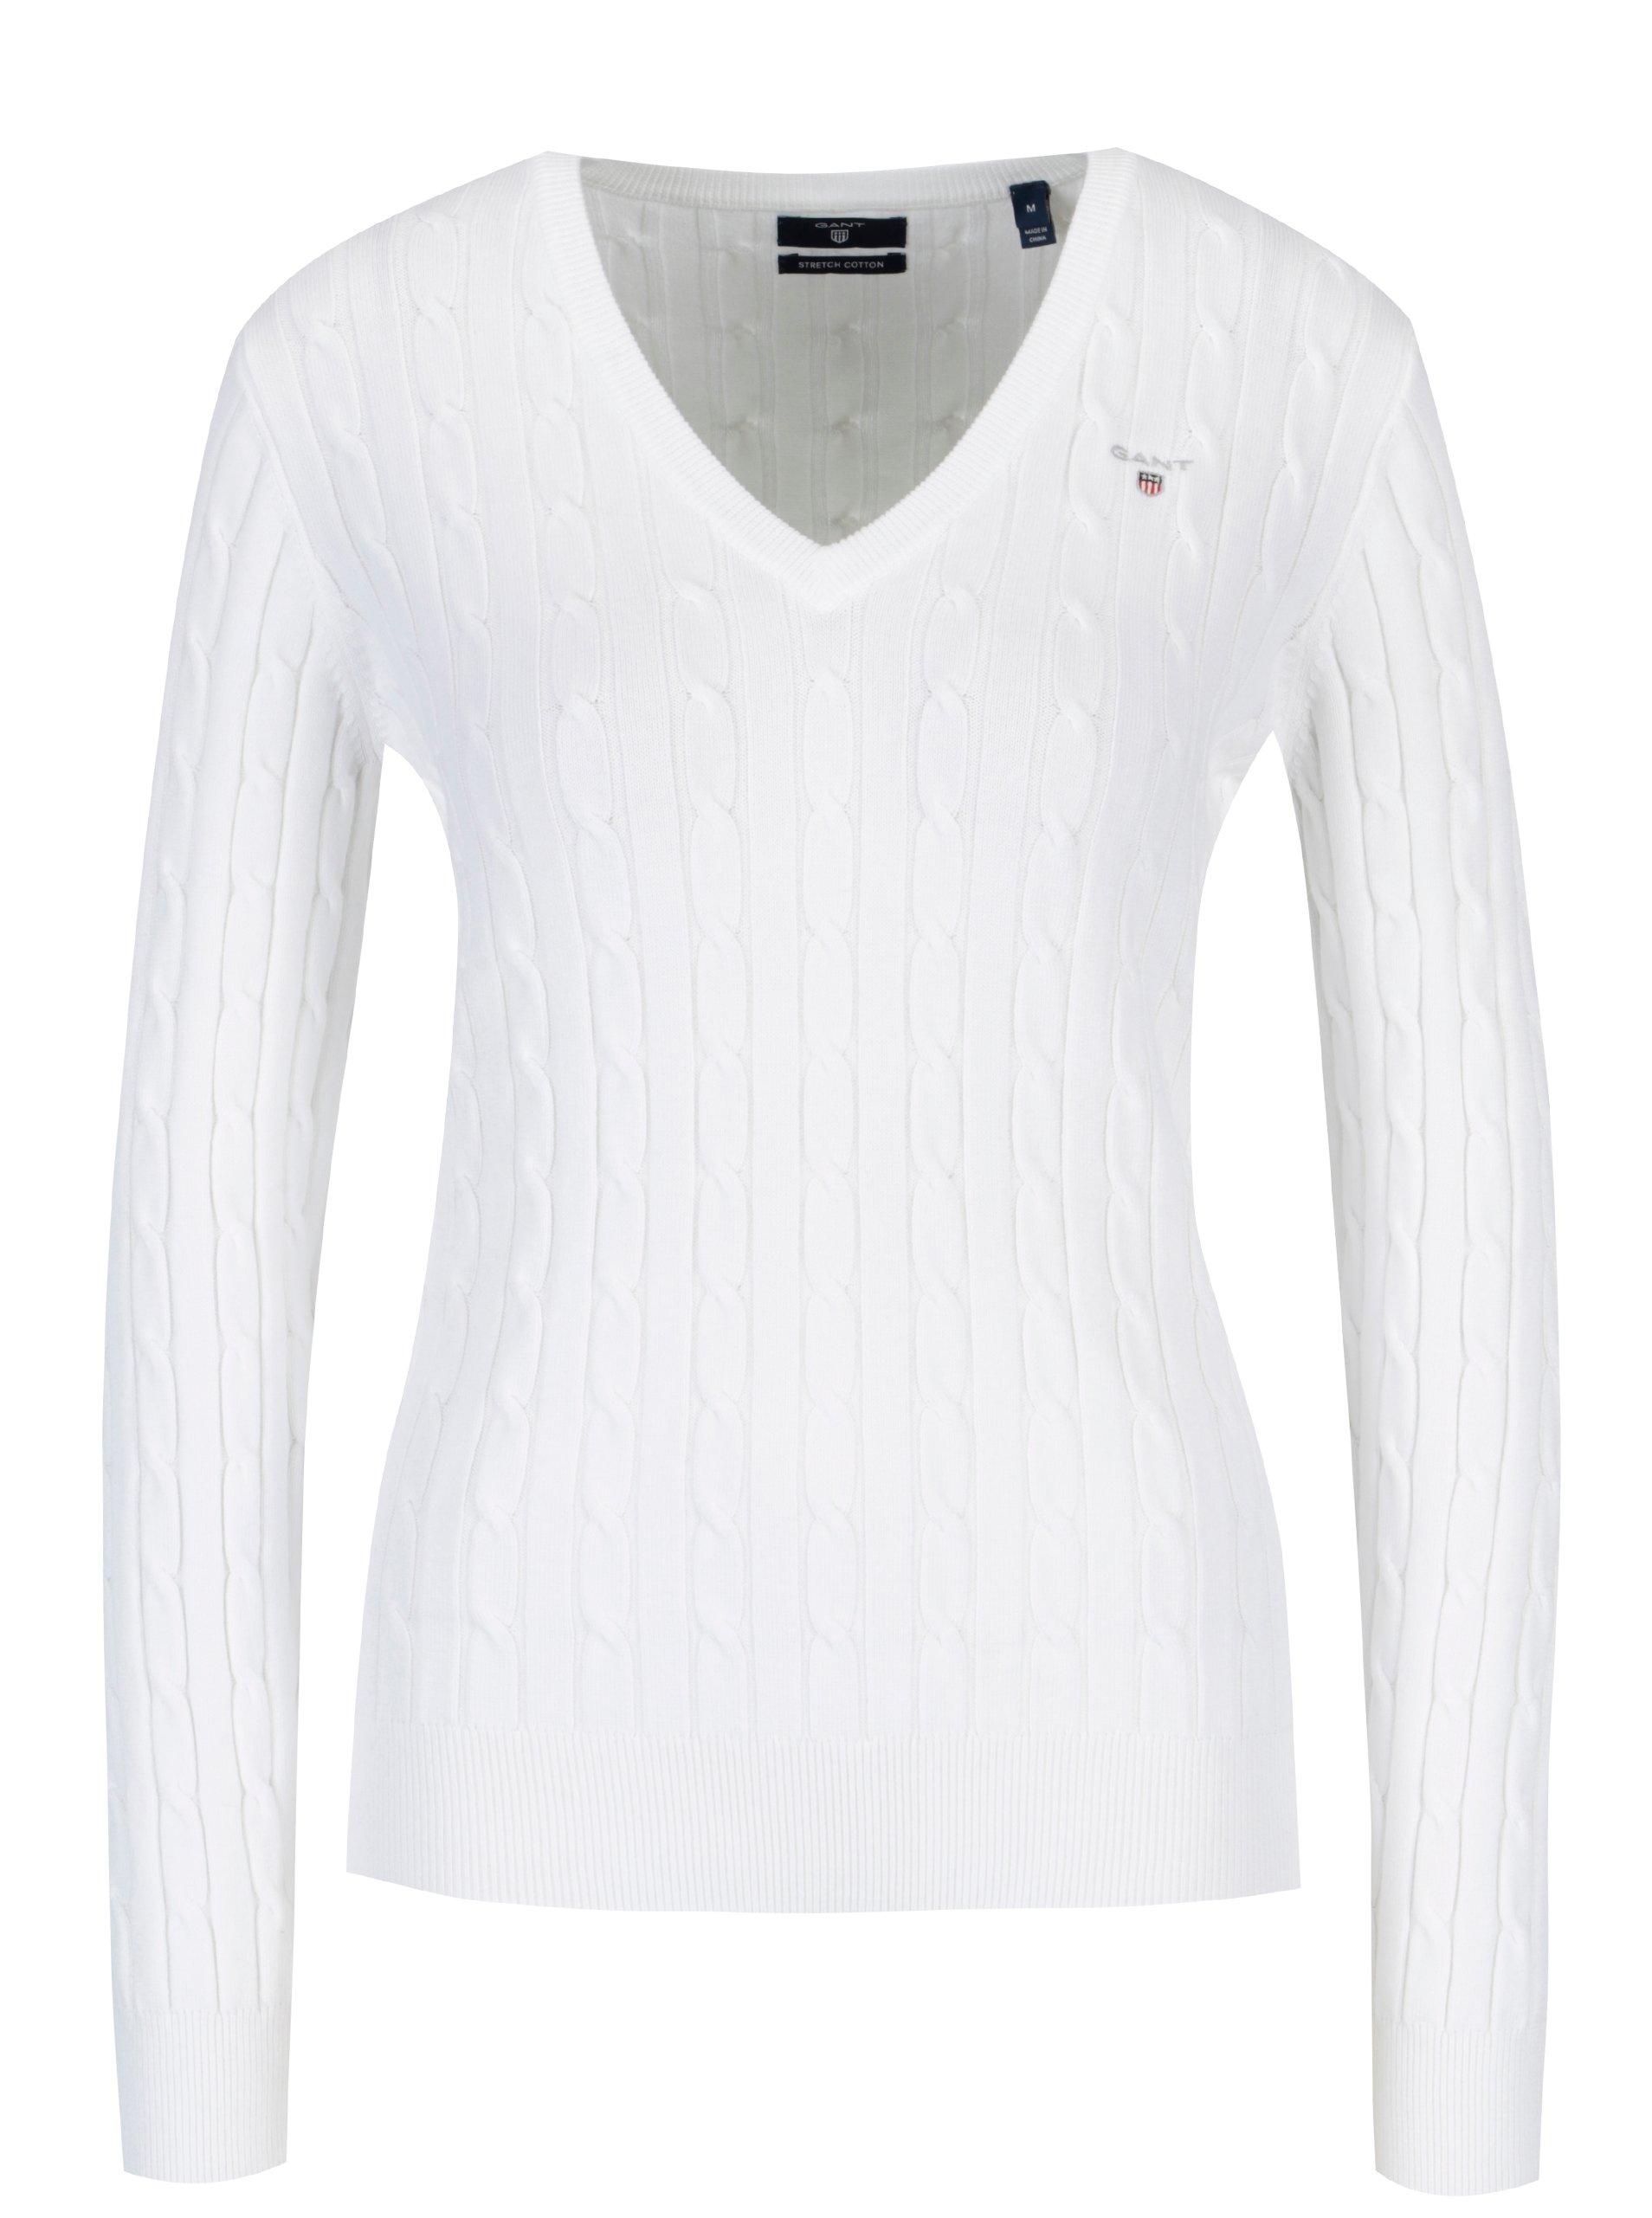 70813a9f0650 Biely dámsky pletený sveter s véčkovým výstrihom GANT